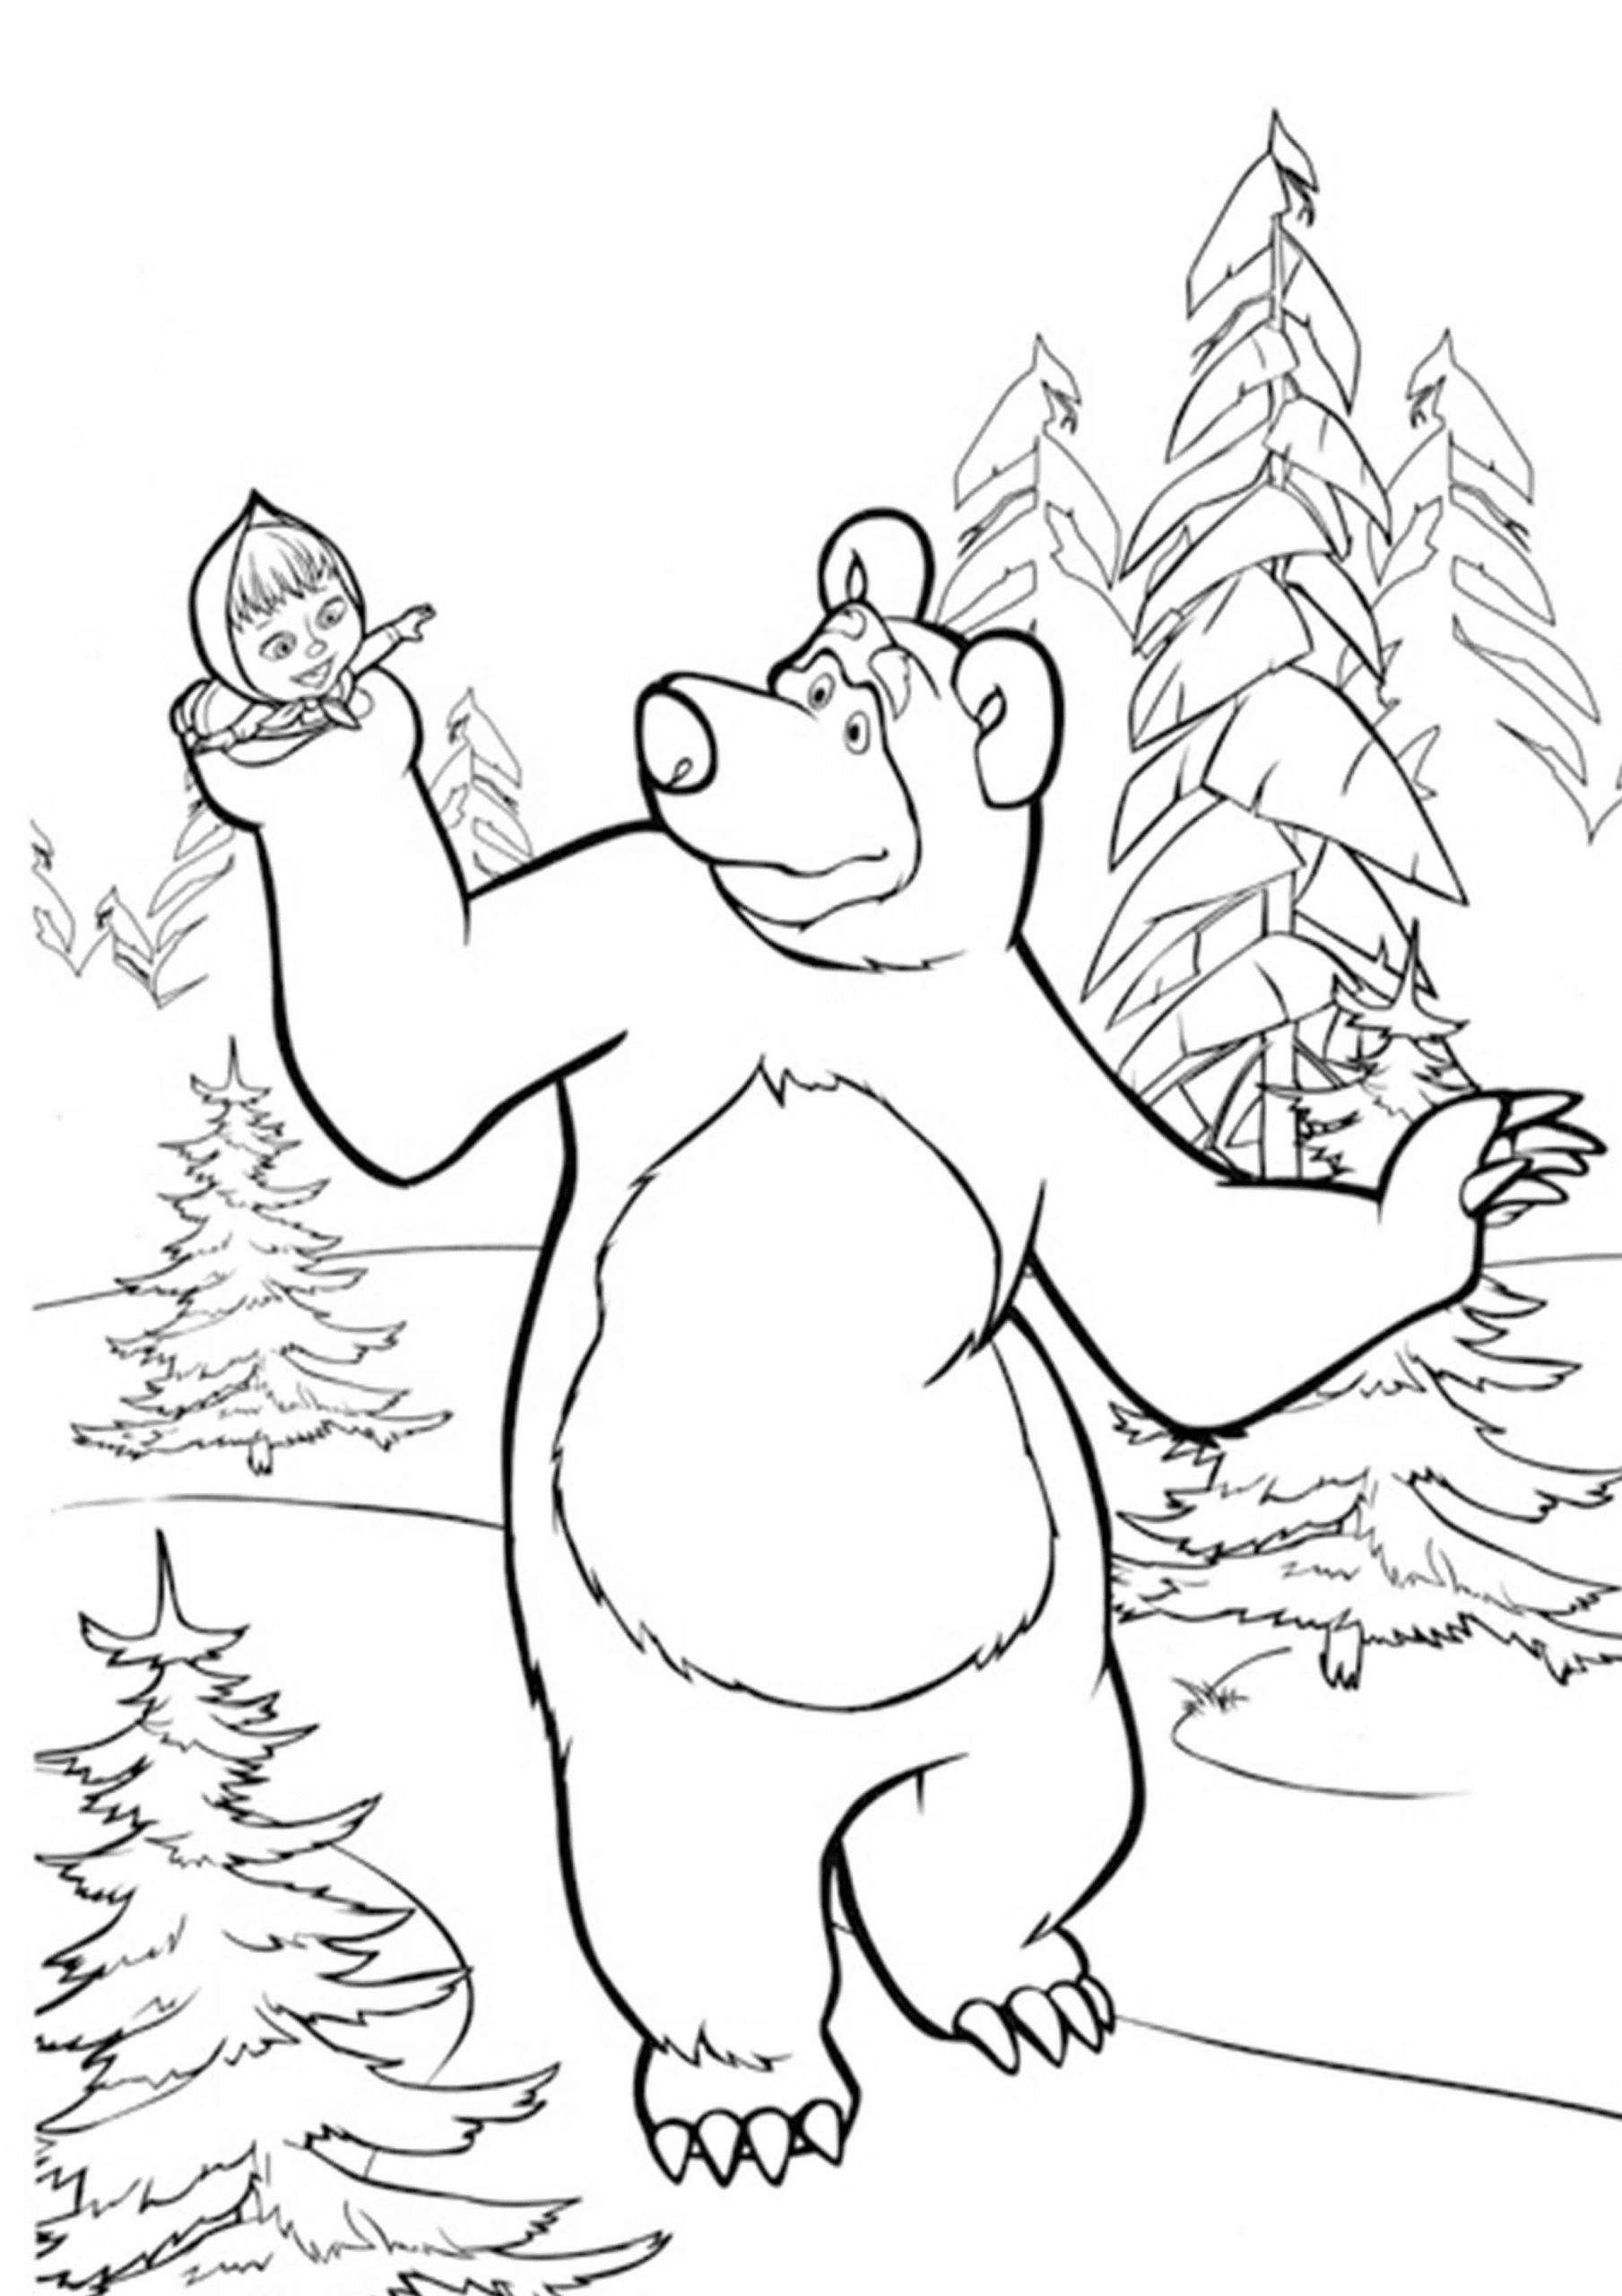 Ausmalbilder Mascha Und Der Bär 17 | Ausmalbilder Zum Ausdrucken bei Bären Bilder Zum Ausdrucken